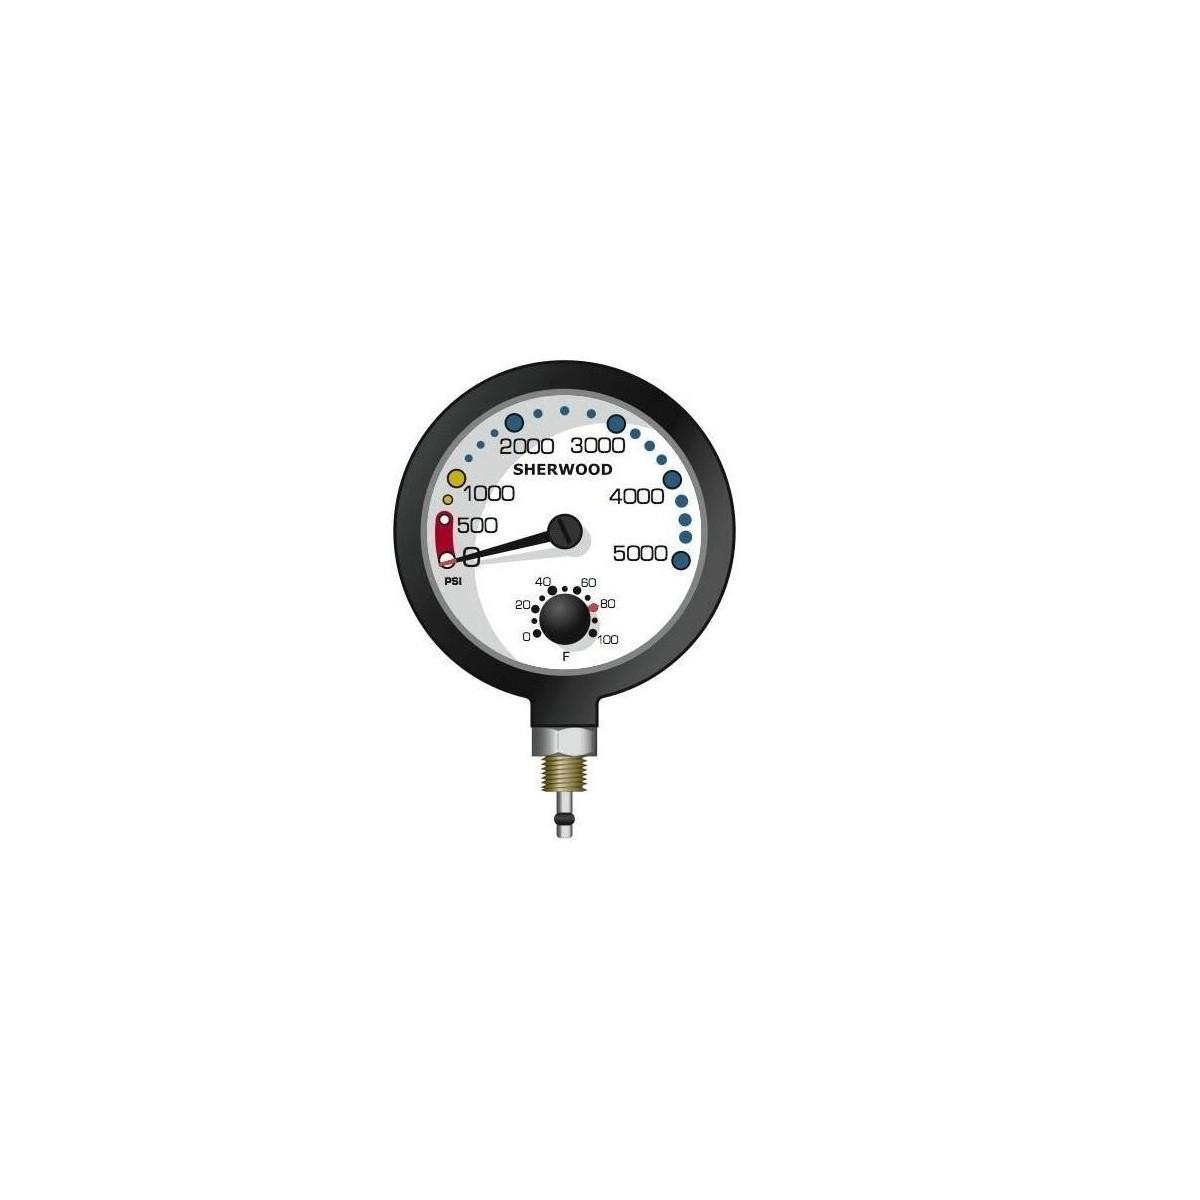 Sherwood Pressure Gauge PG060